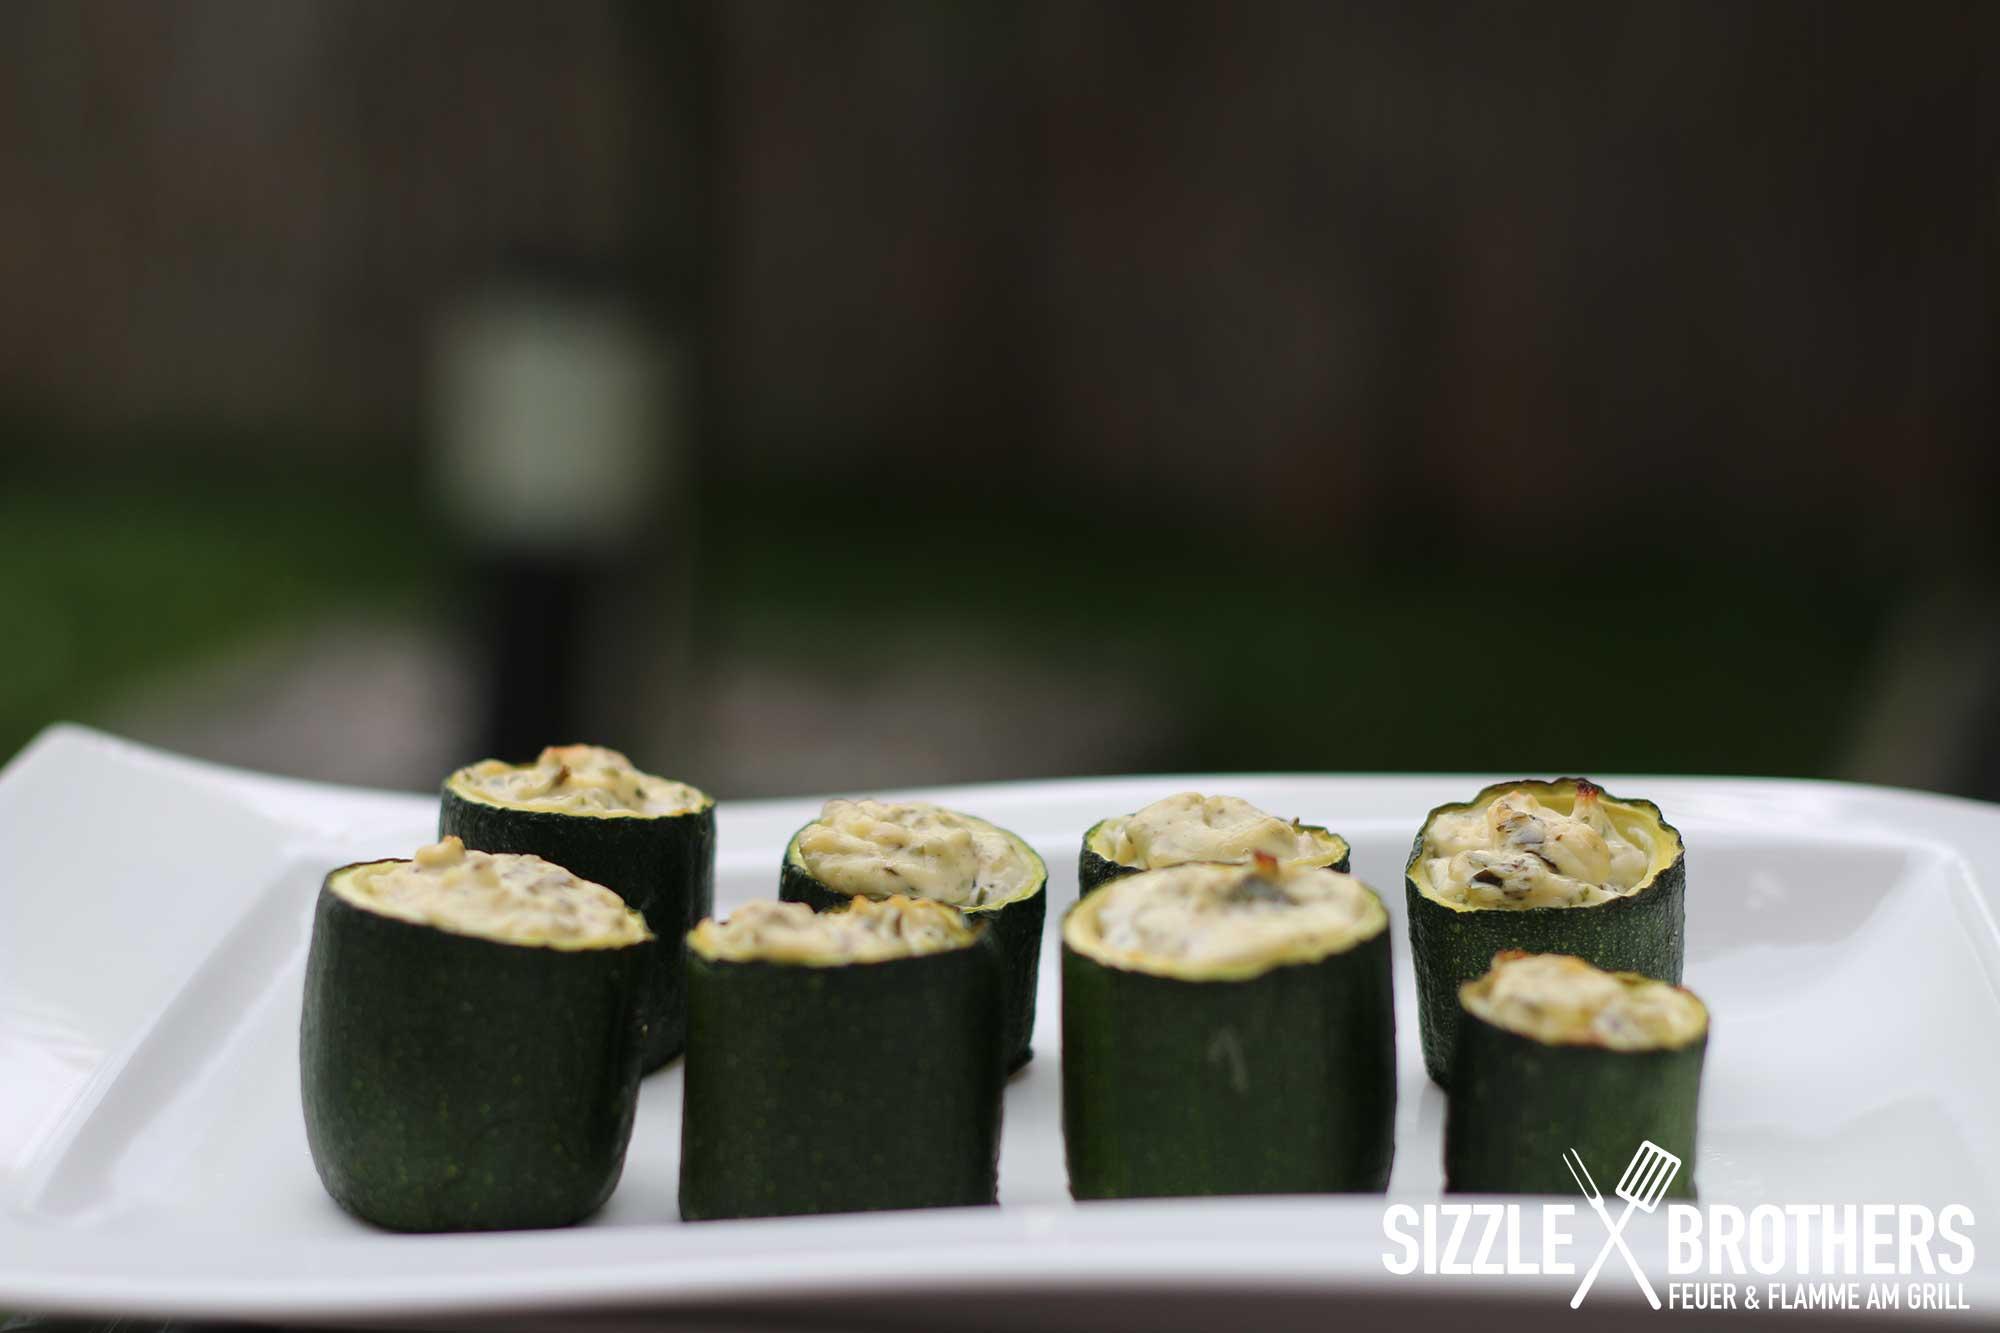 Gefüllte Zucchini fertig gegrillt